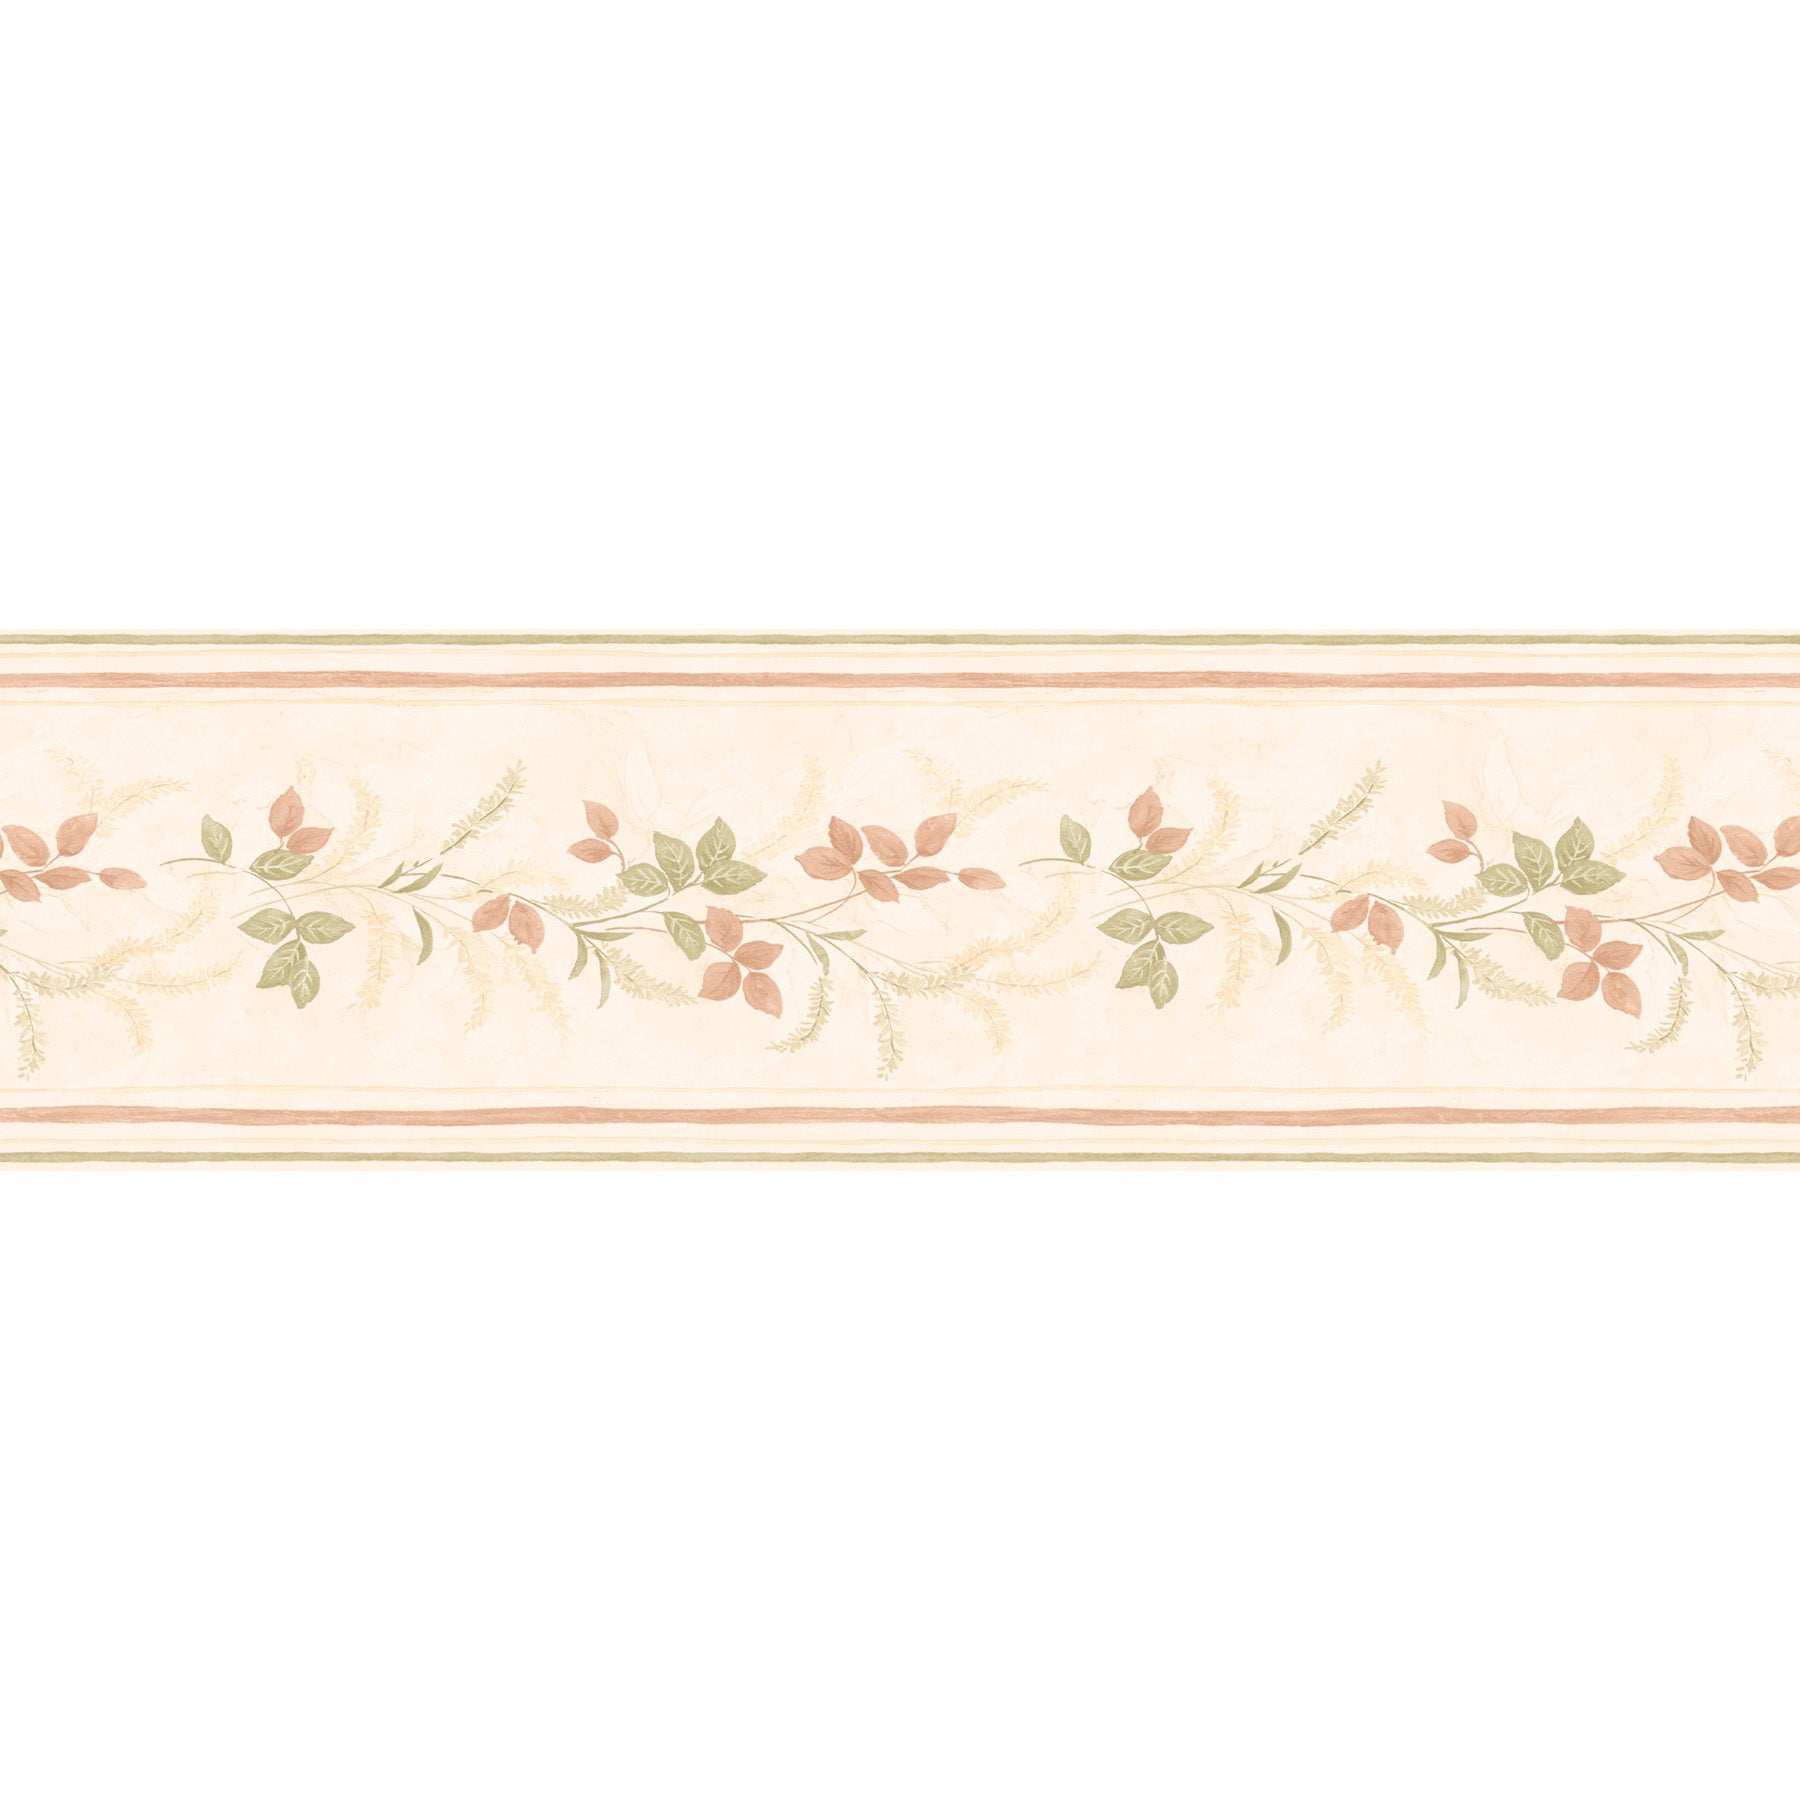 Brewster Peach Leaf Wallpaper Border, Beige Off-White